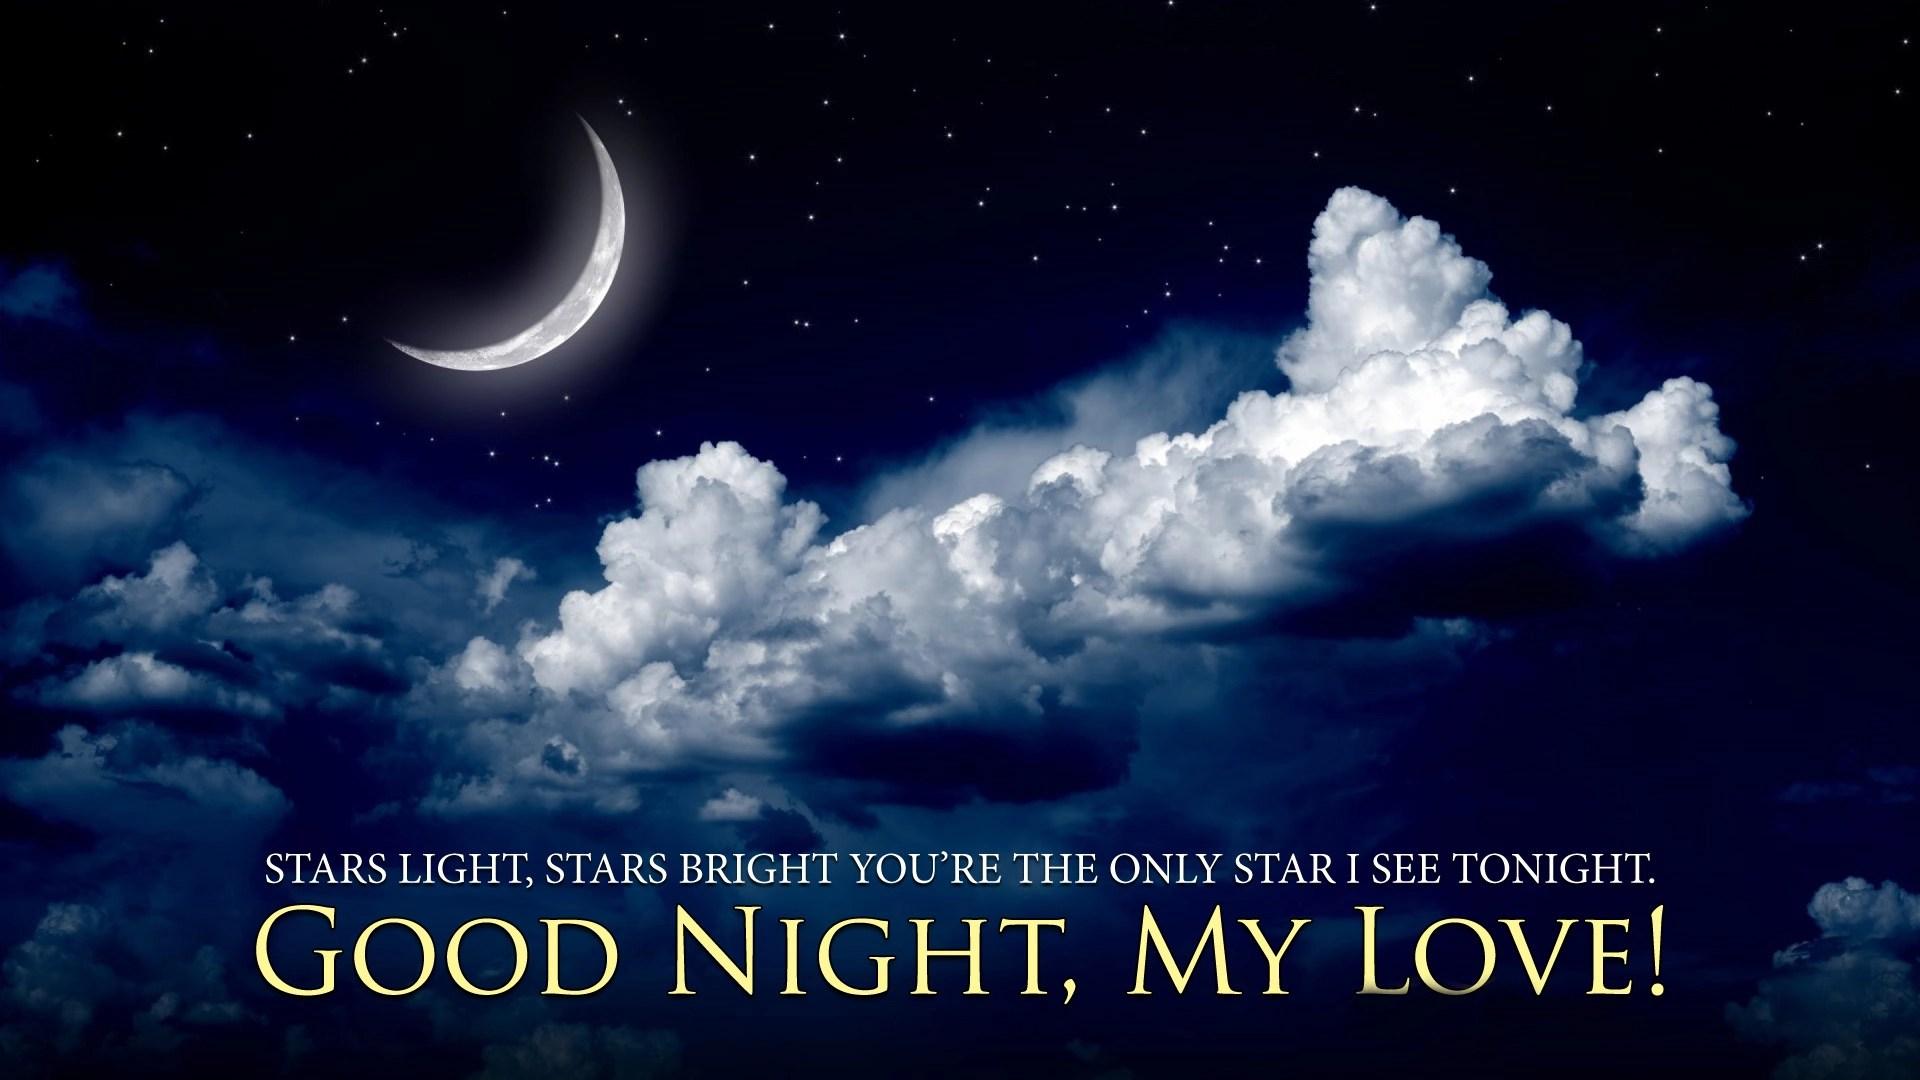 Good night my love start moon image